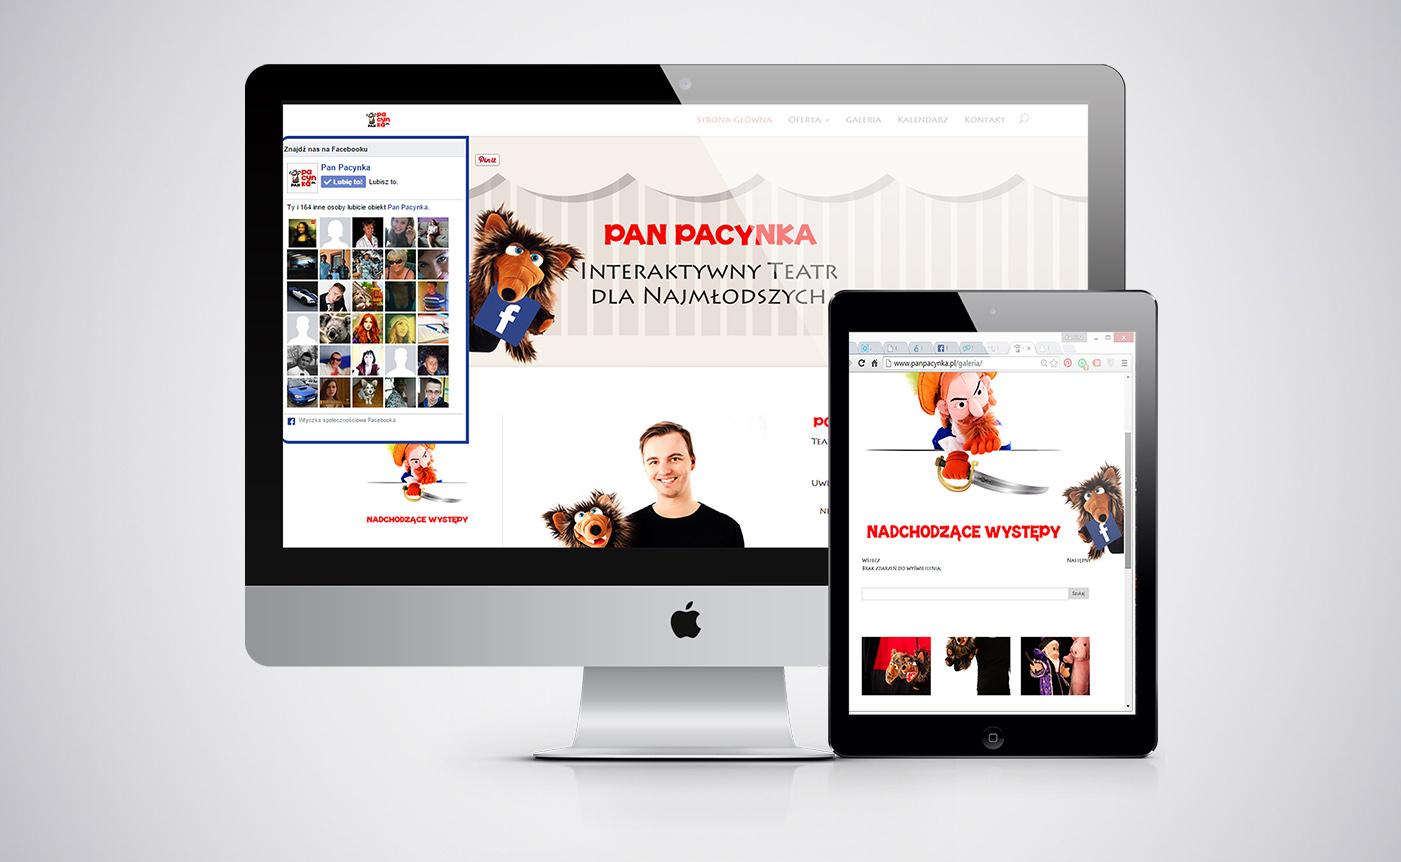 strona www dla teatrzyku dziecięcego Pan Pacynka